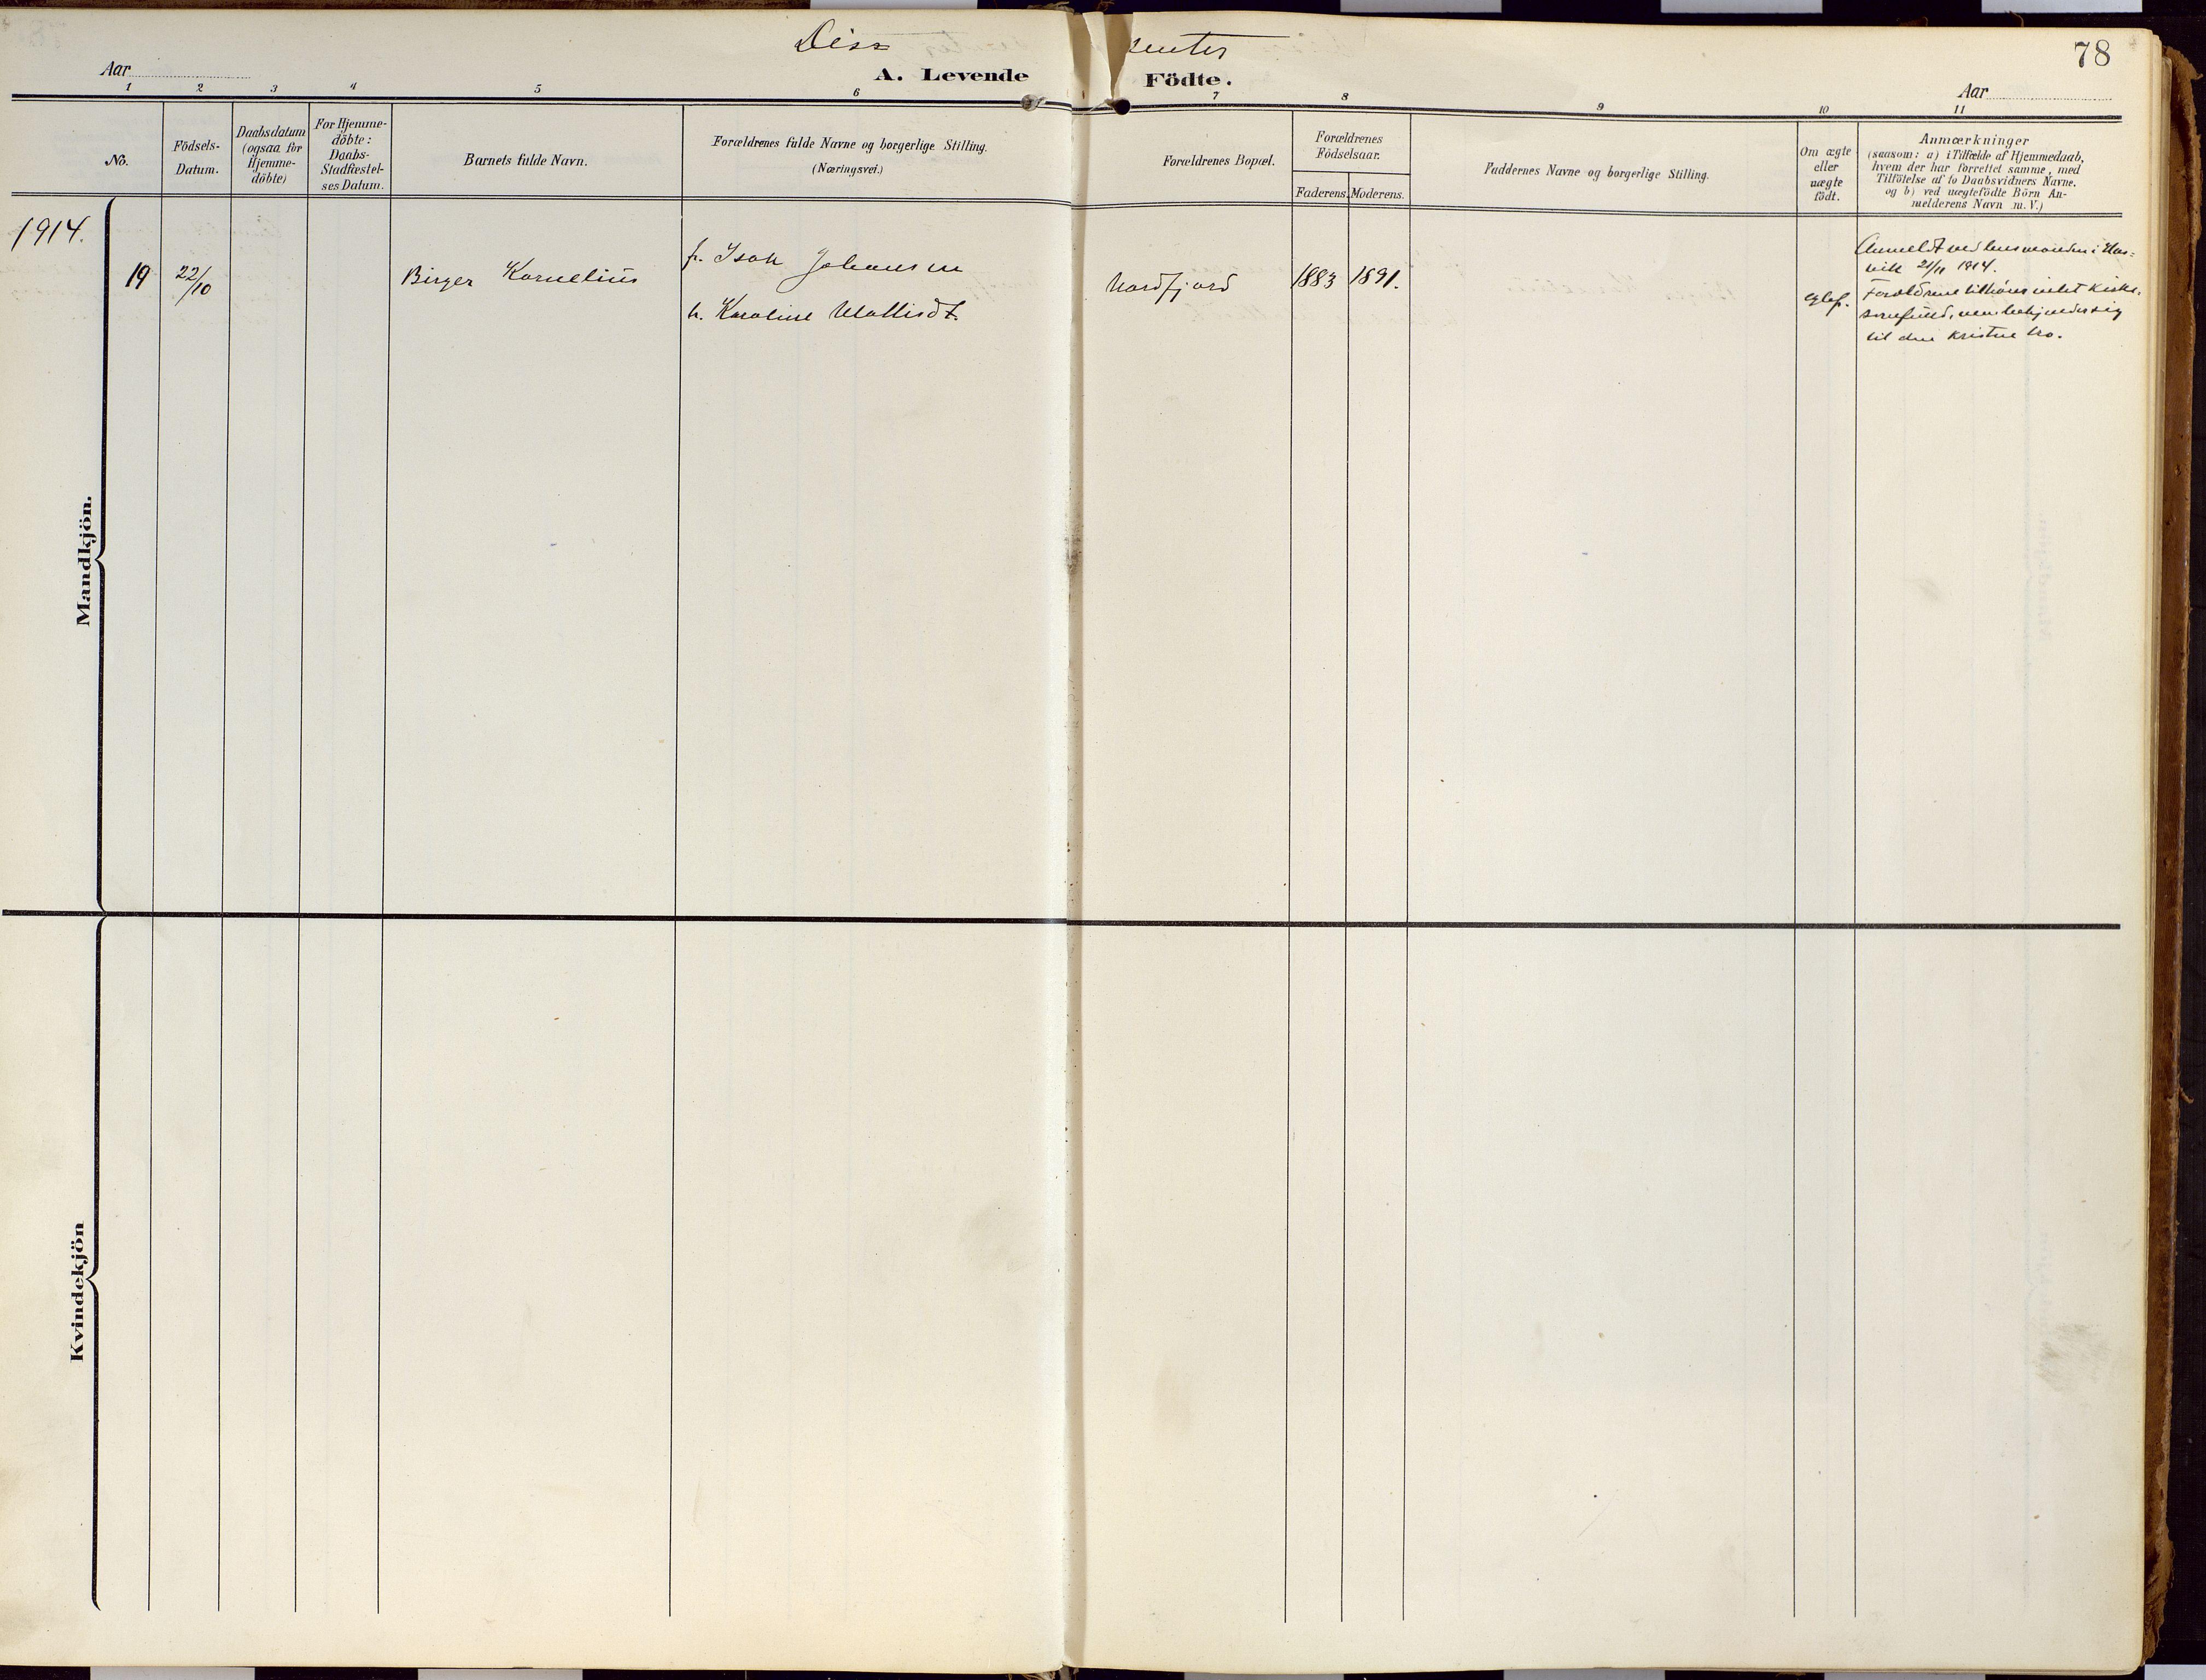 SATØ, Loppa sokneprestkontor, H/Ha/L0010kirke: Ministerialbok nr. 10, 1907-1922, s. 78